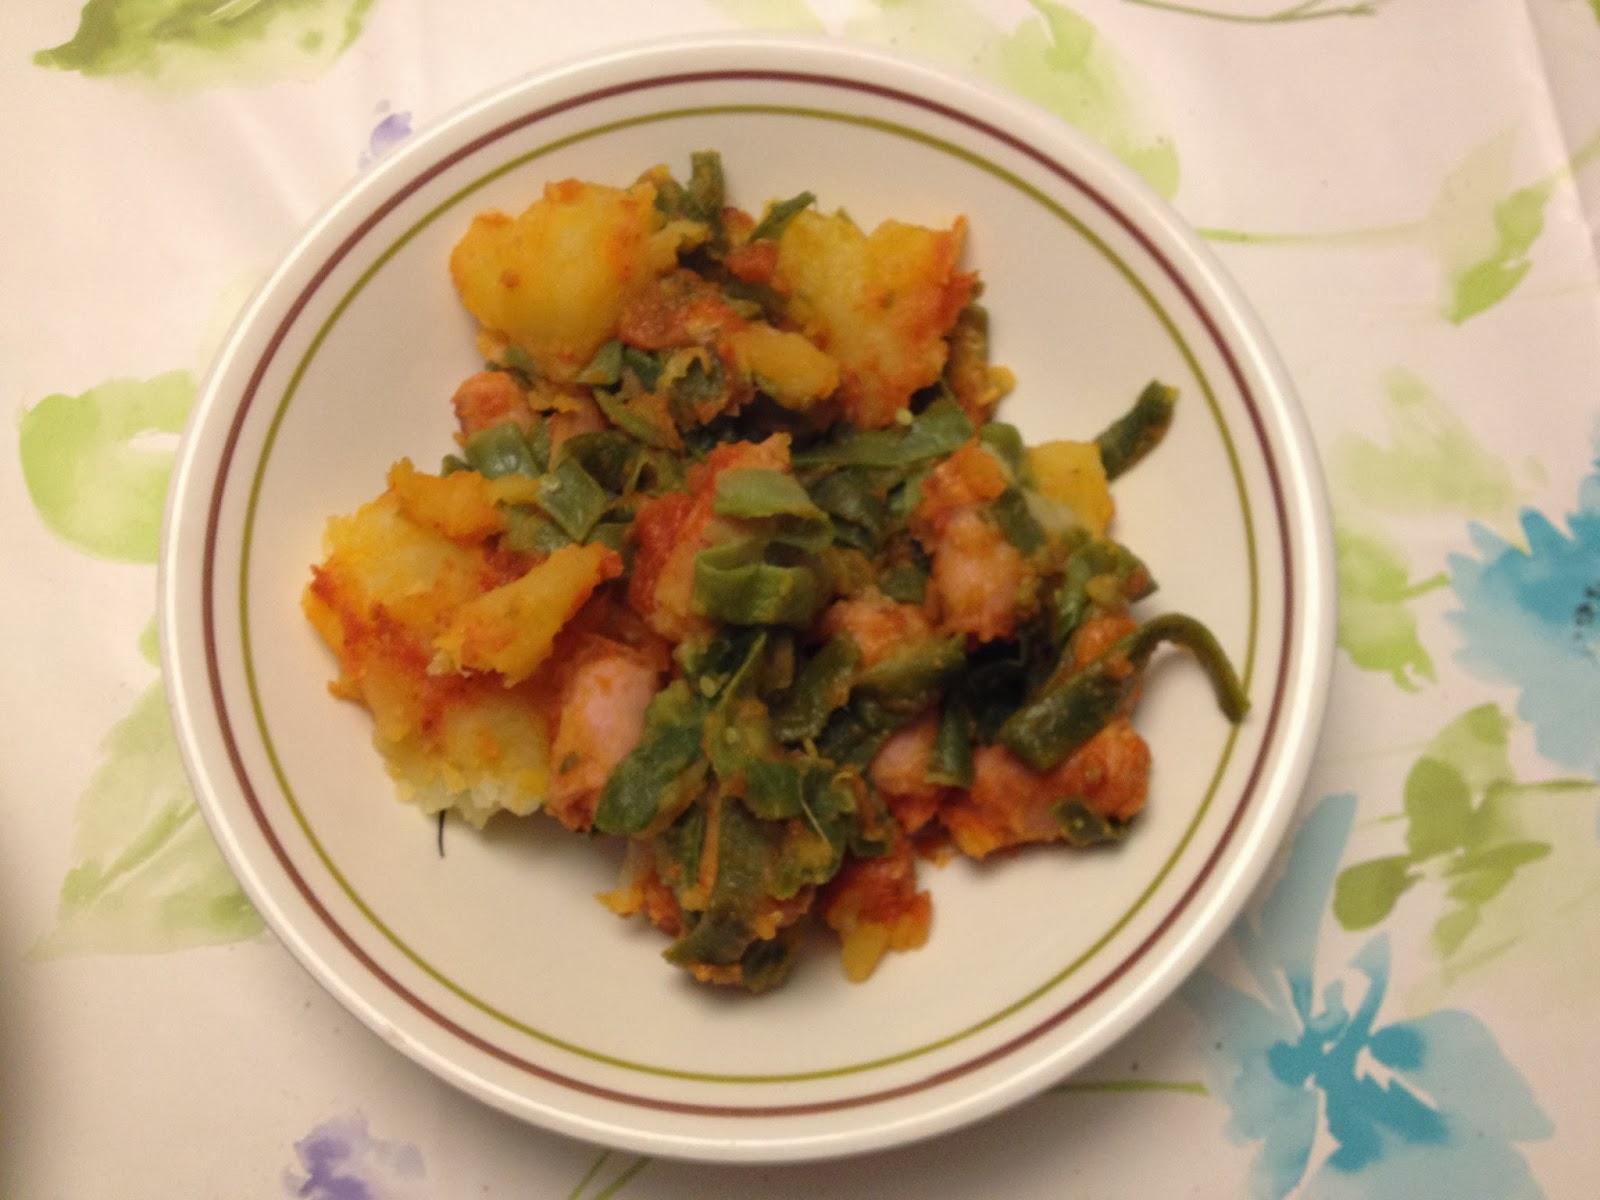 Patatas y judias verdes con salchichas recetas de cocina - Tiempo para cocer patatas ...